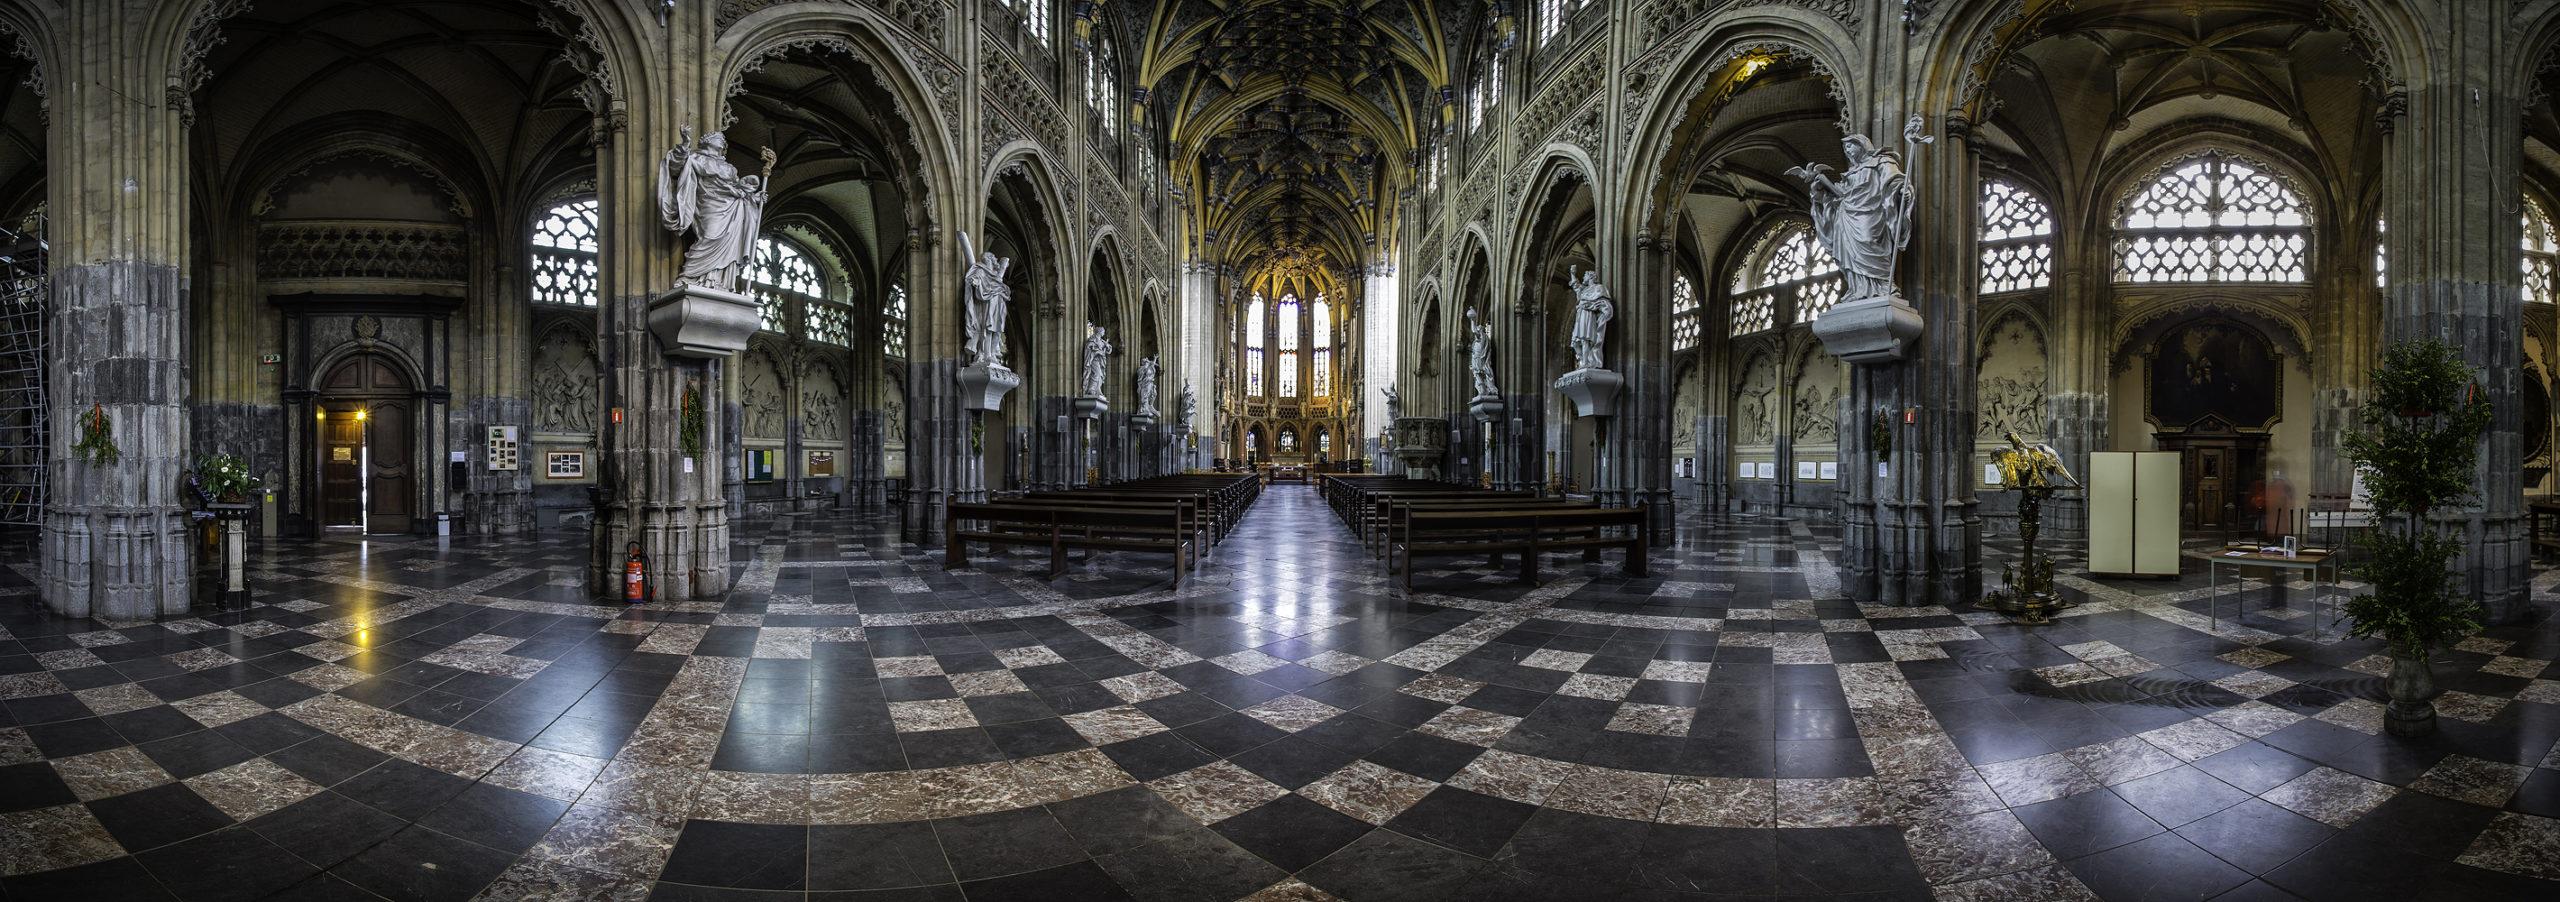 Église Saint-Jacques-le-Mineur - Liège (Belgique)